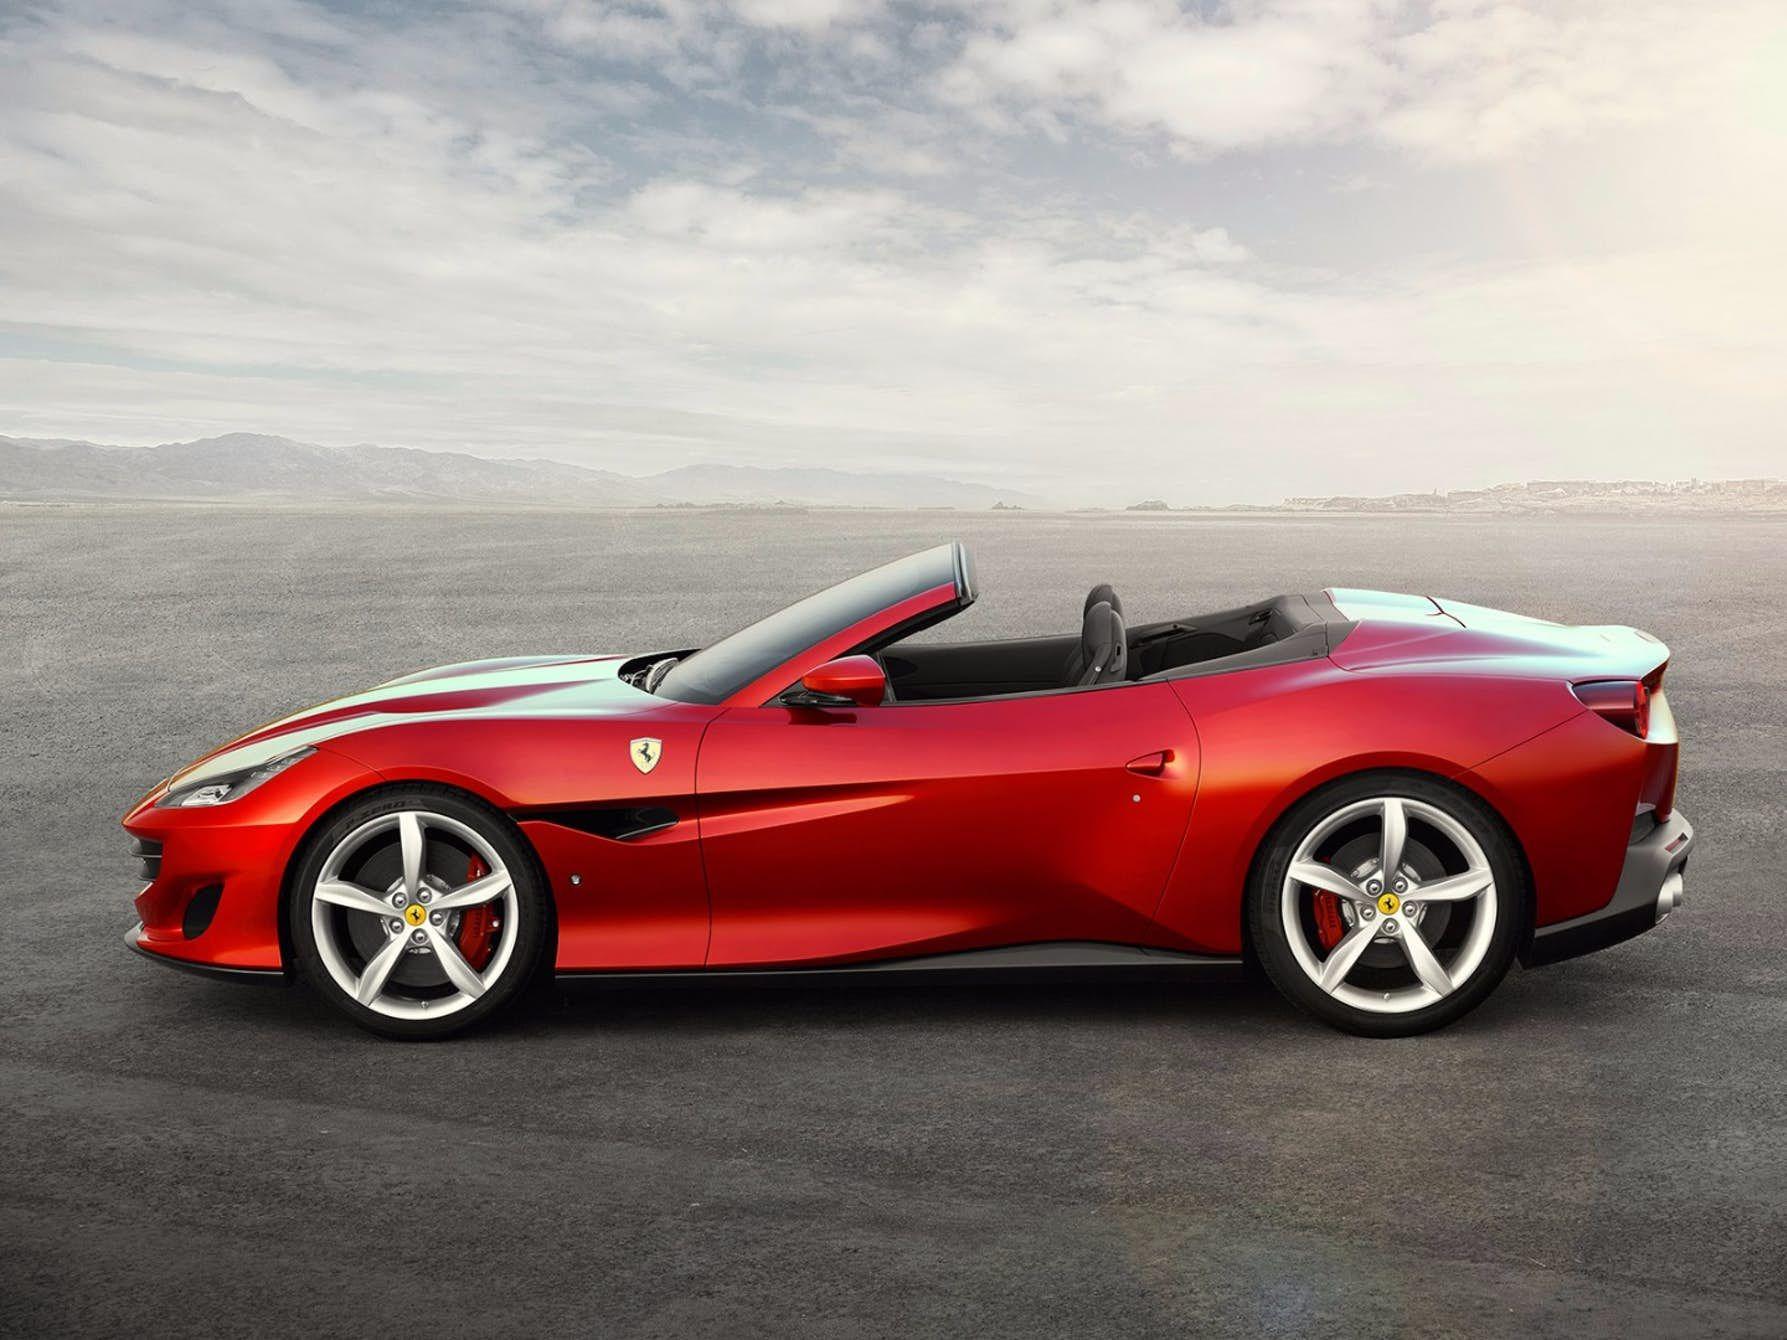 Ferrari Announces Gorgeous New 591 Horsepower Portofino Convertible New Ferrari Sports Cars Luxury Ferrari